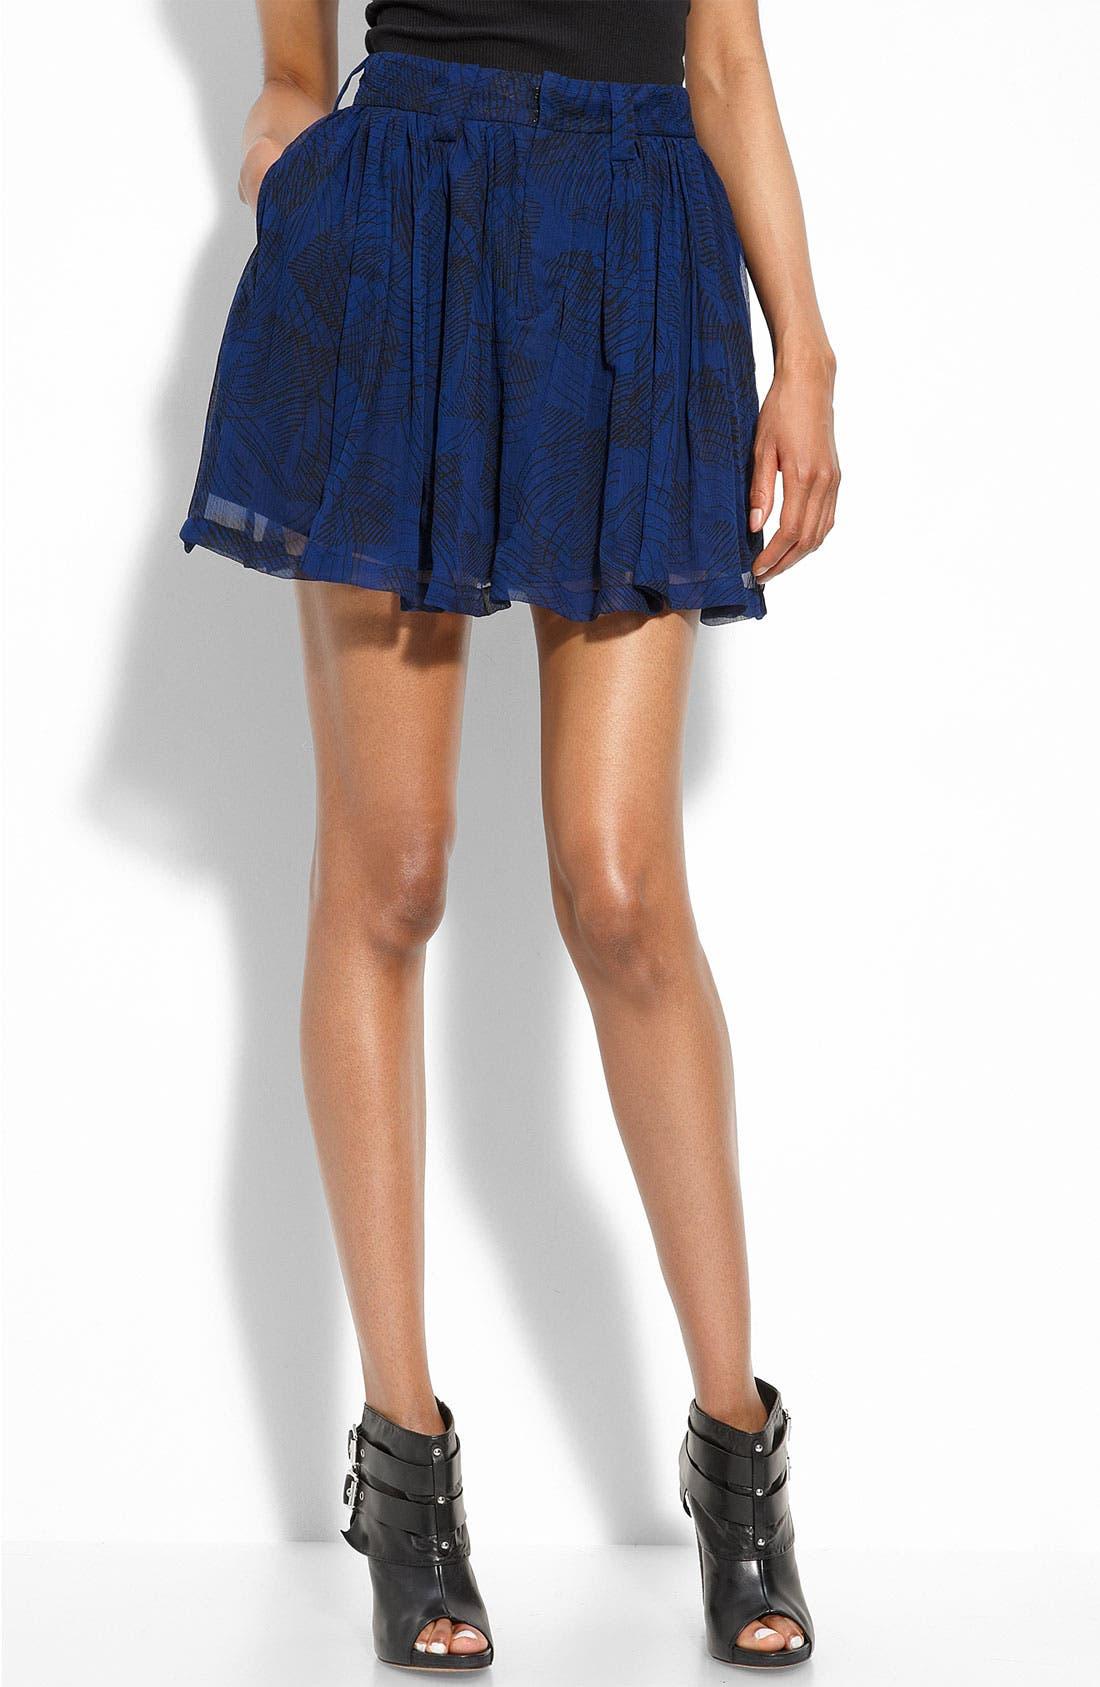 Alternate Image 1 Selected - Winter Kate 'Tilda' Skirt